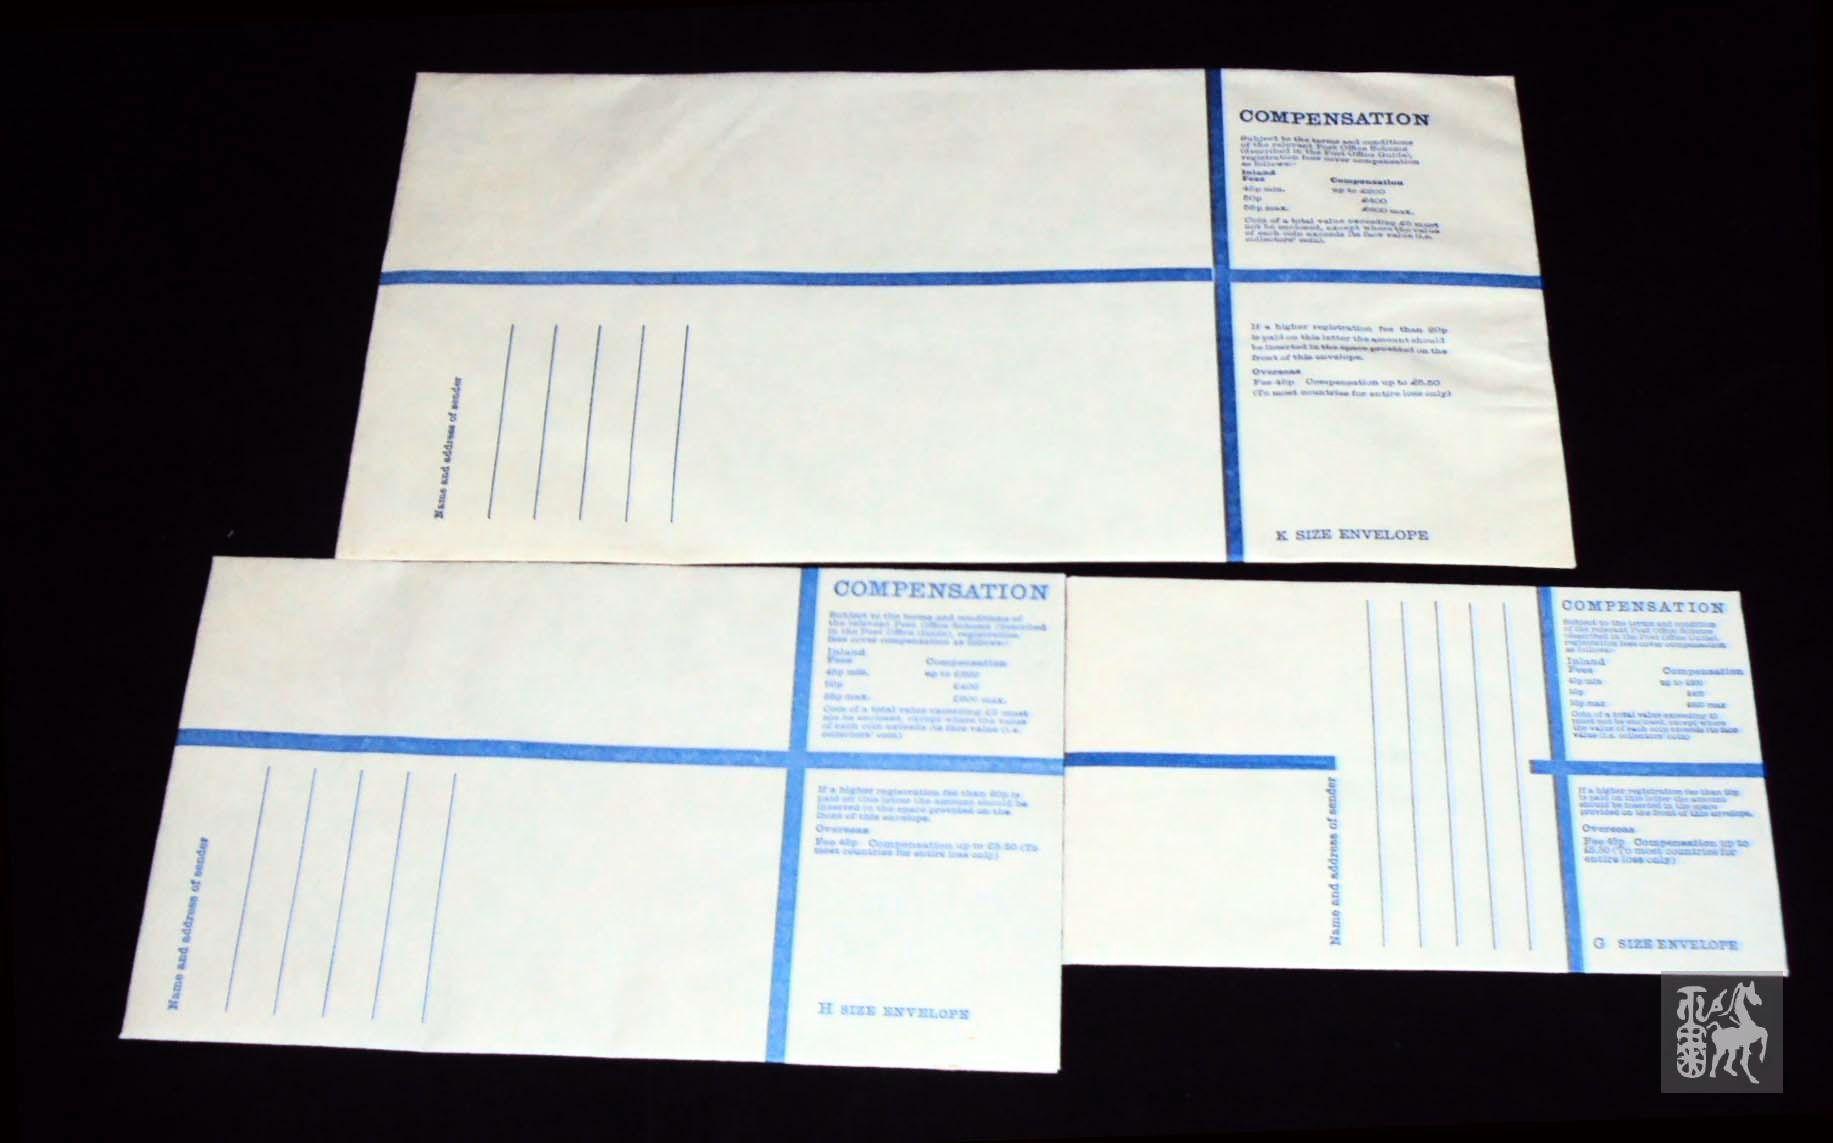 信封封面格式_信封书写格式图_寄信信封格式图片图片